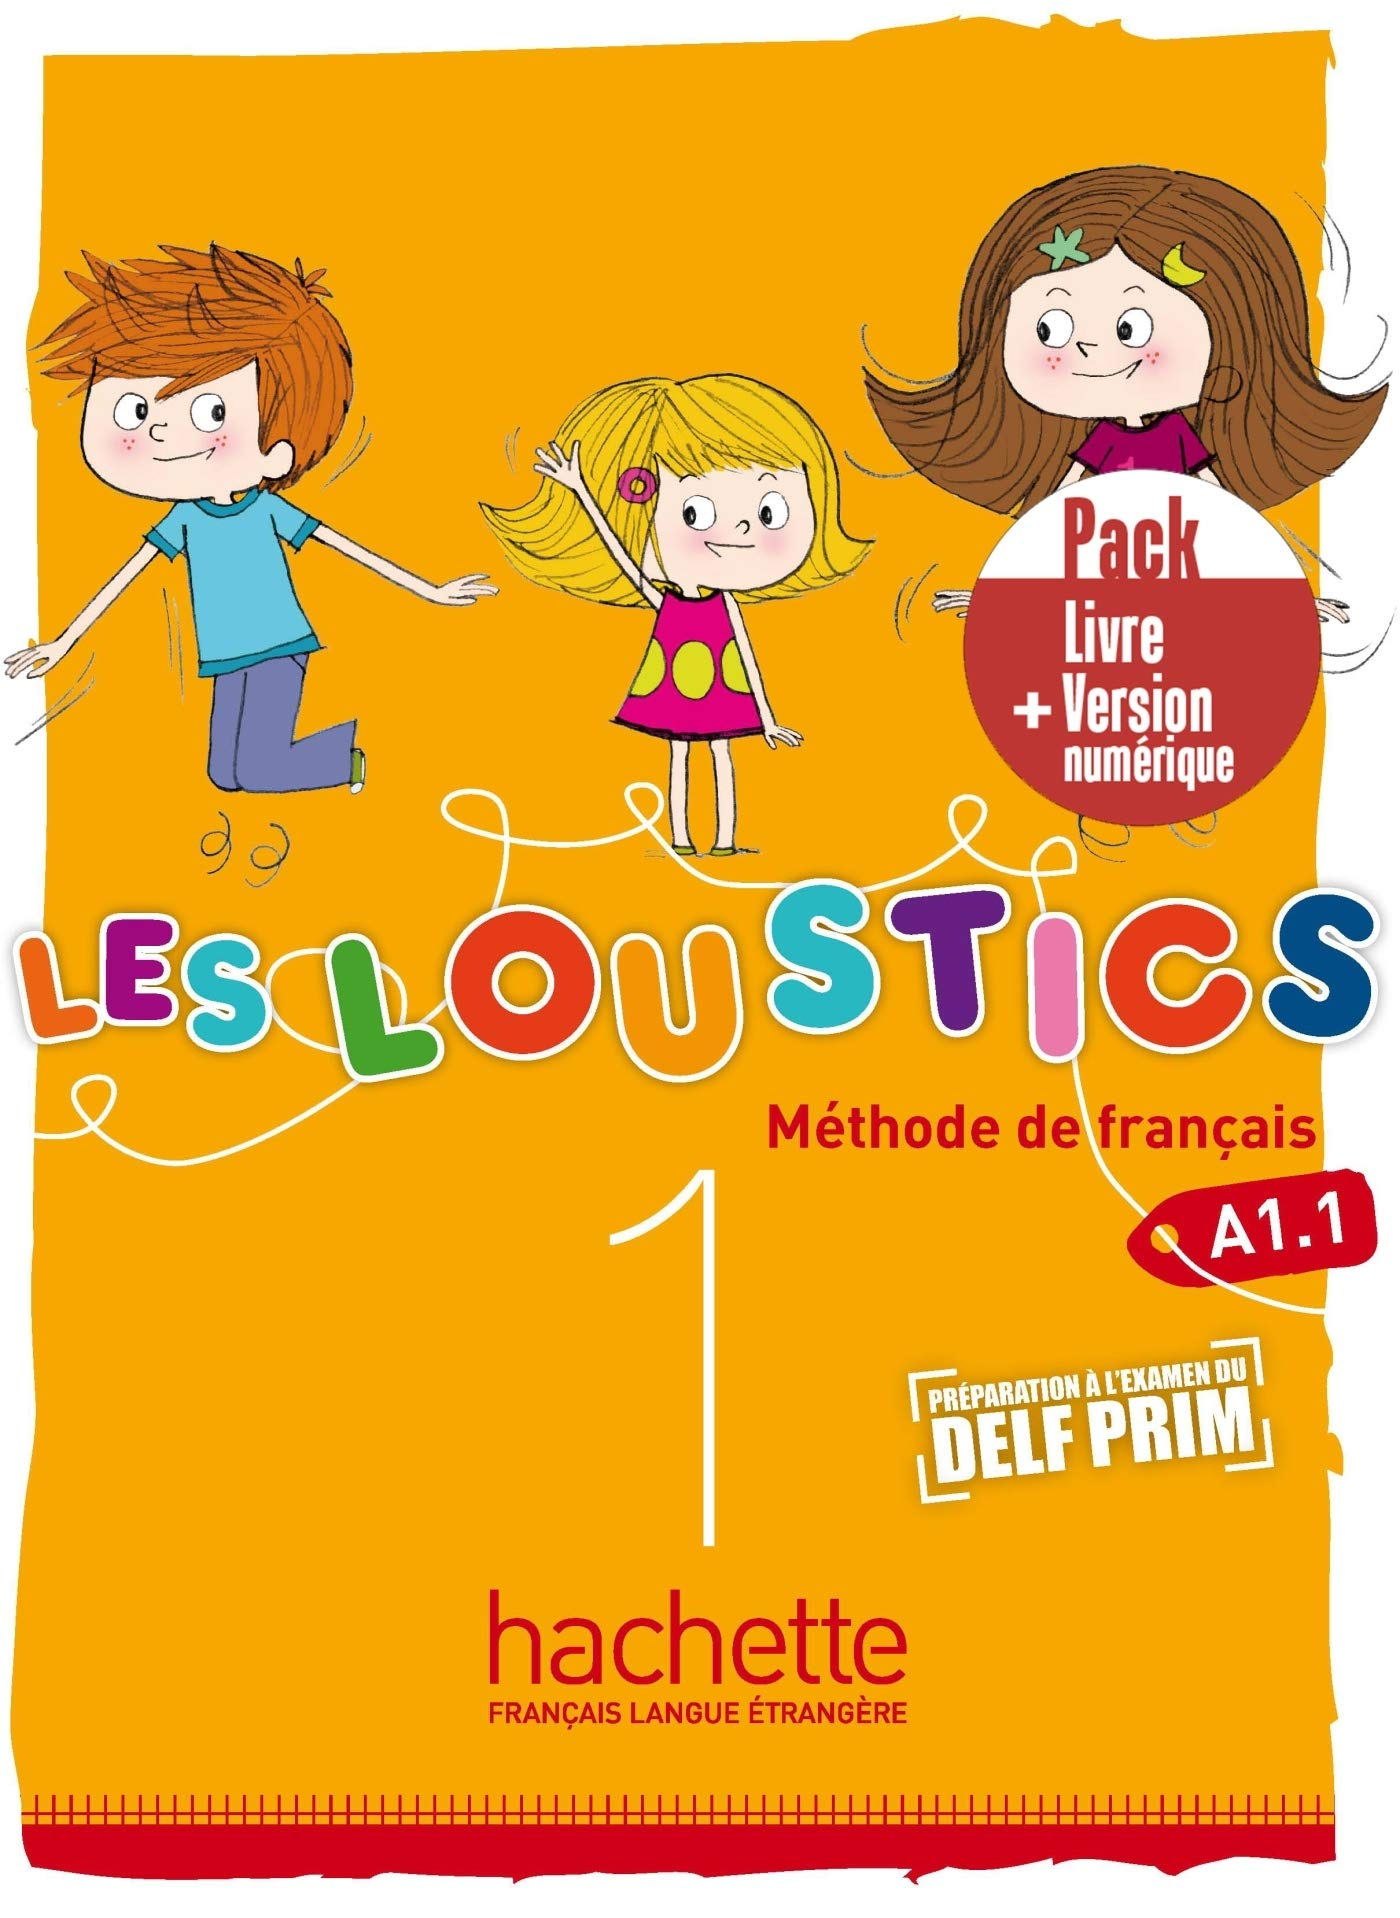 LES LOUSTICS 1 A1.1 PACK LIVRE  VERSION NUMERIQUE